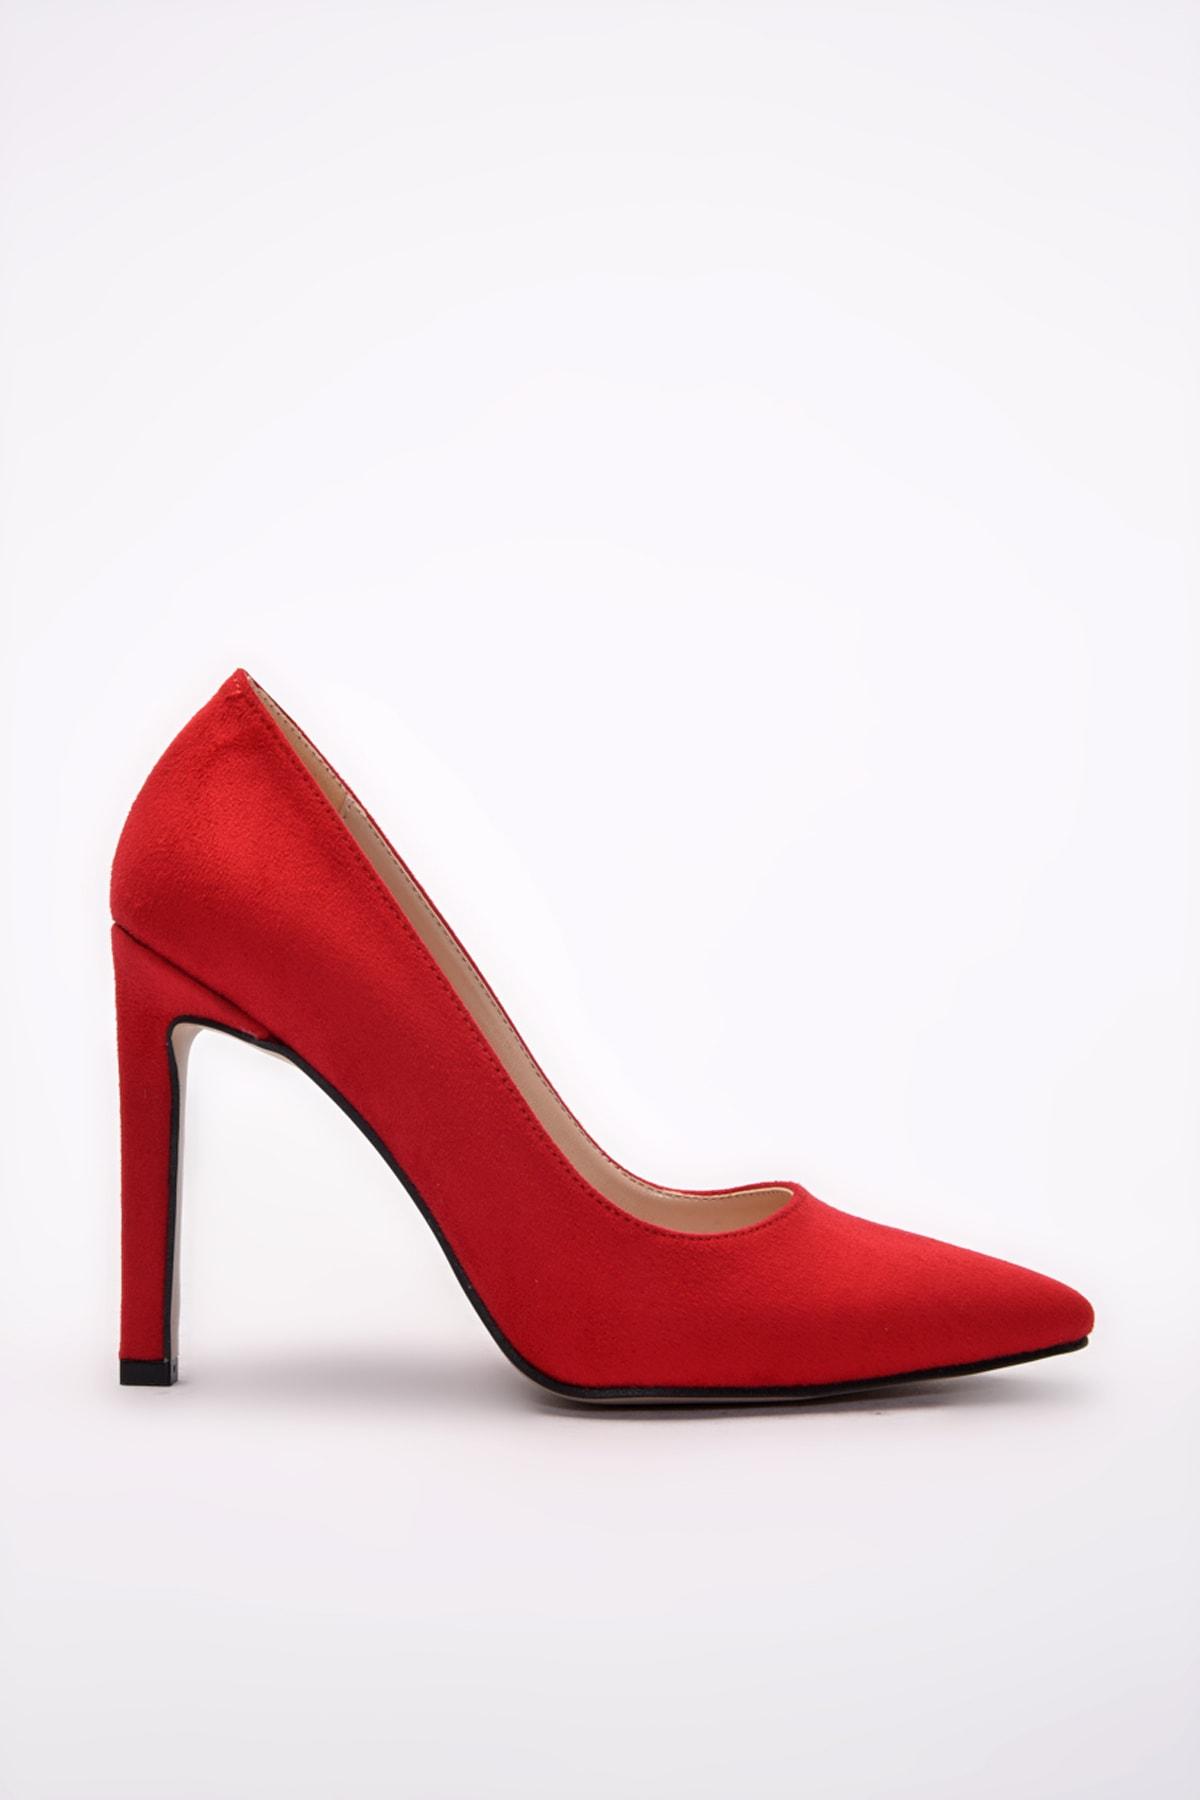 Yaya  by Hotiç Yaya by Hotiç Kirmizi Kadın Klasik Topuklu Ayakkabı